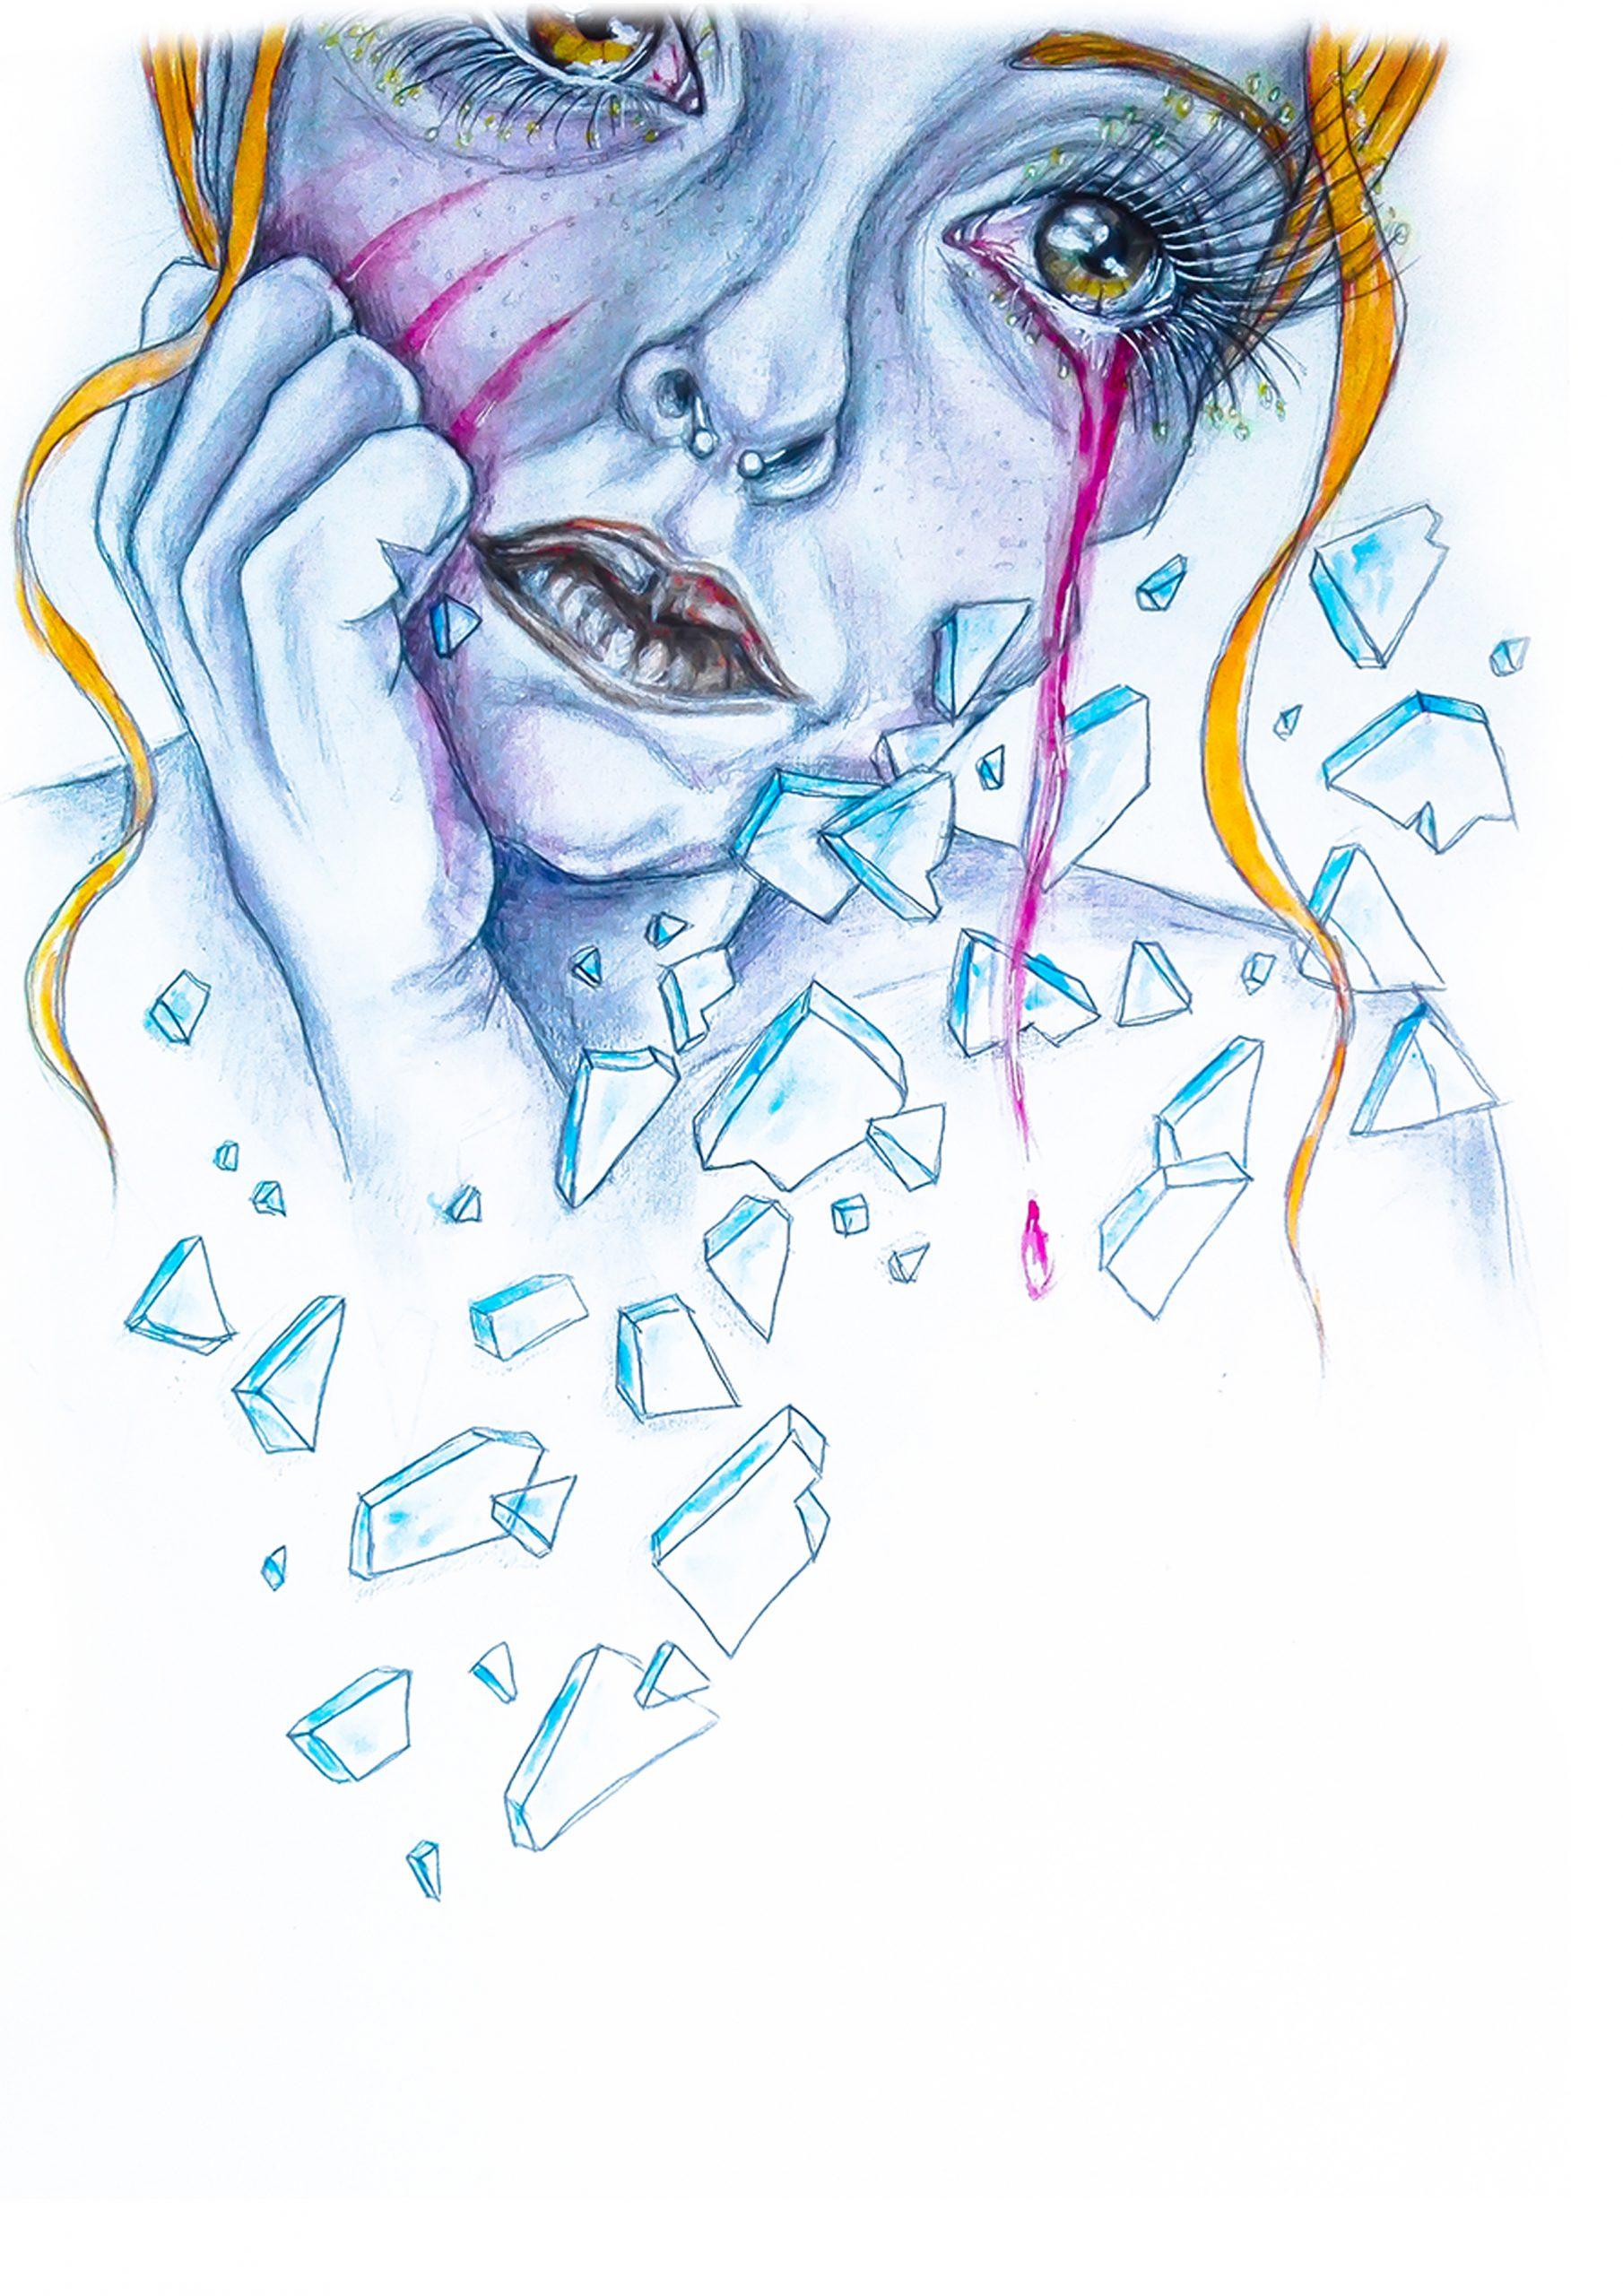 El sentido de la vida stamina ilustracion sara sanchez un mal trago libro